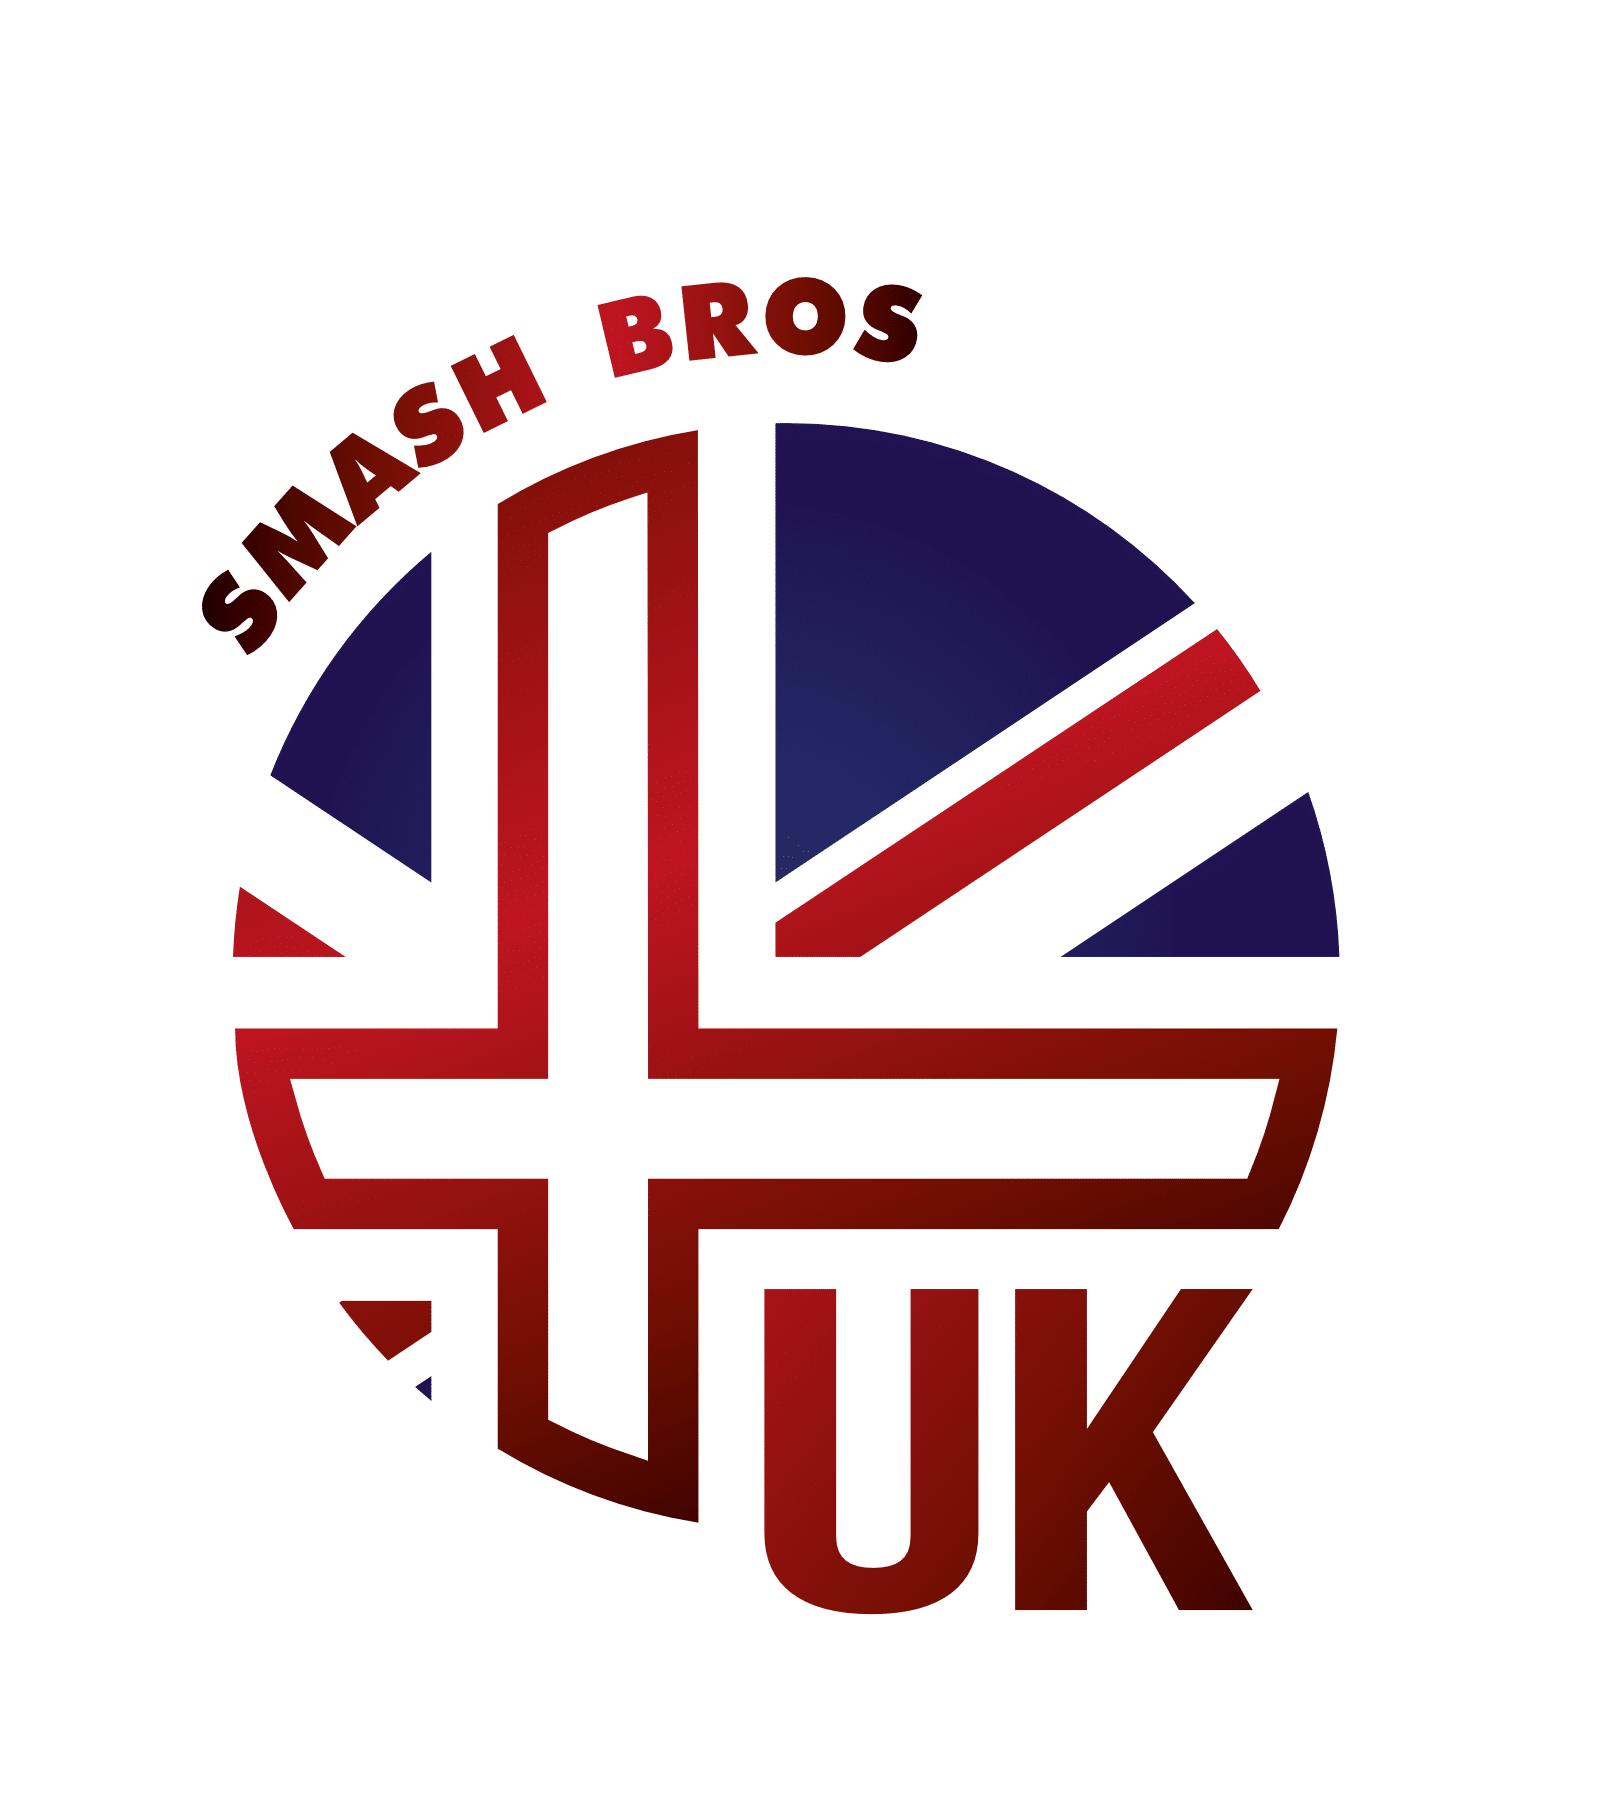 Smash Bros UK v2